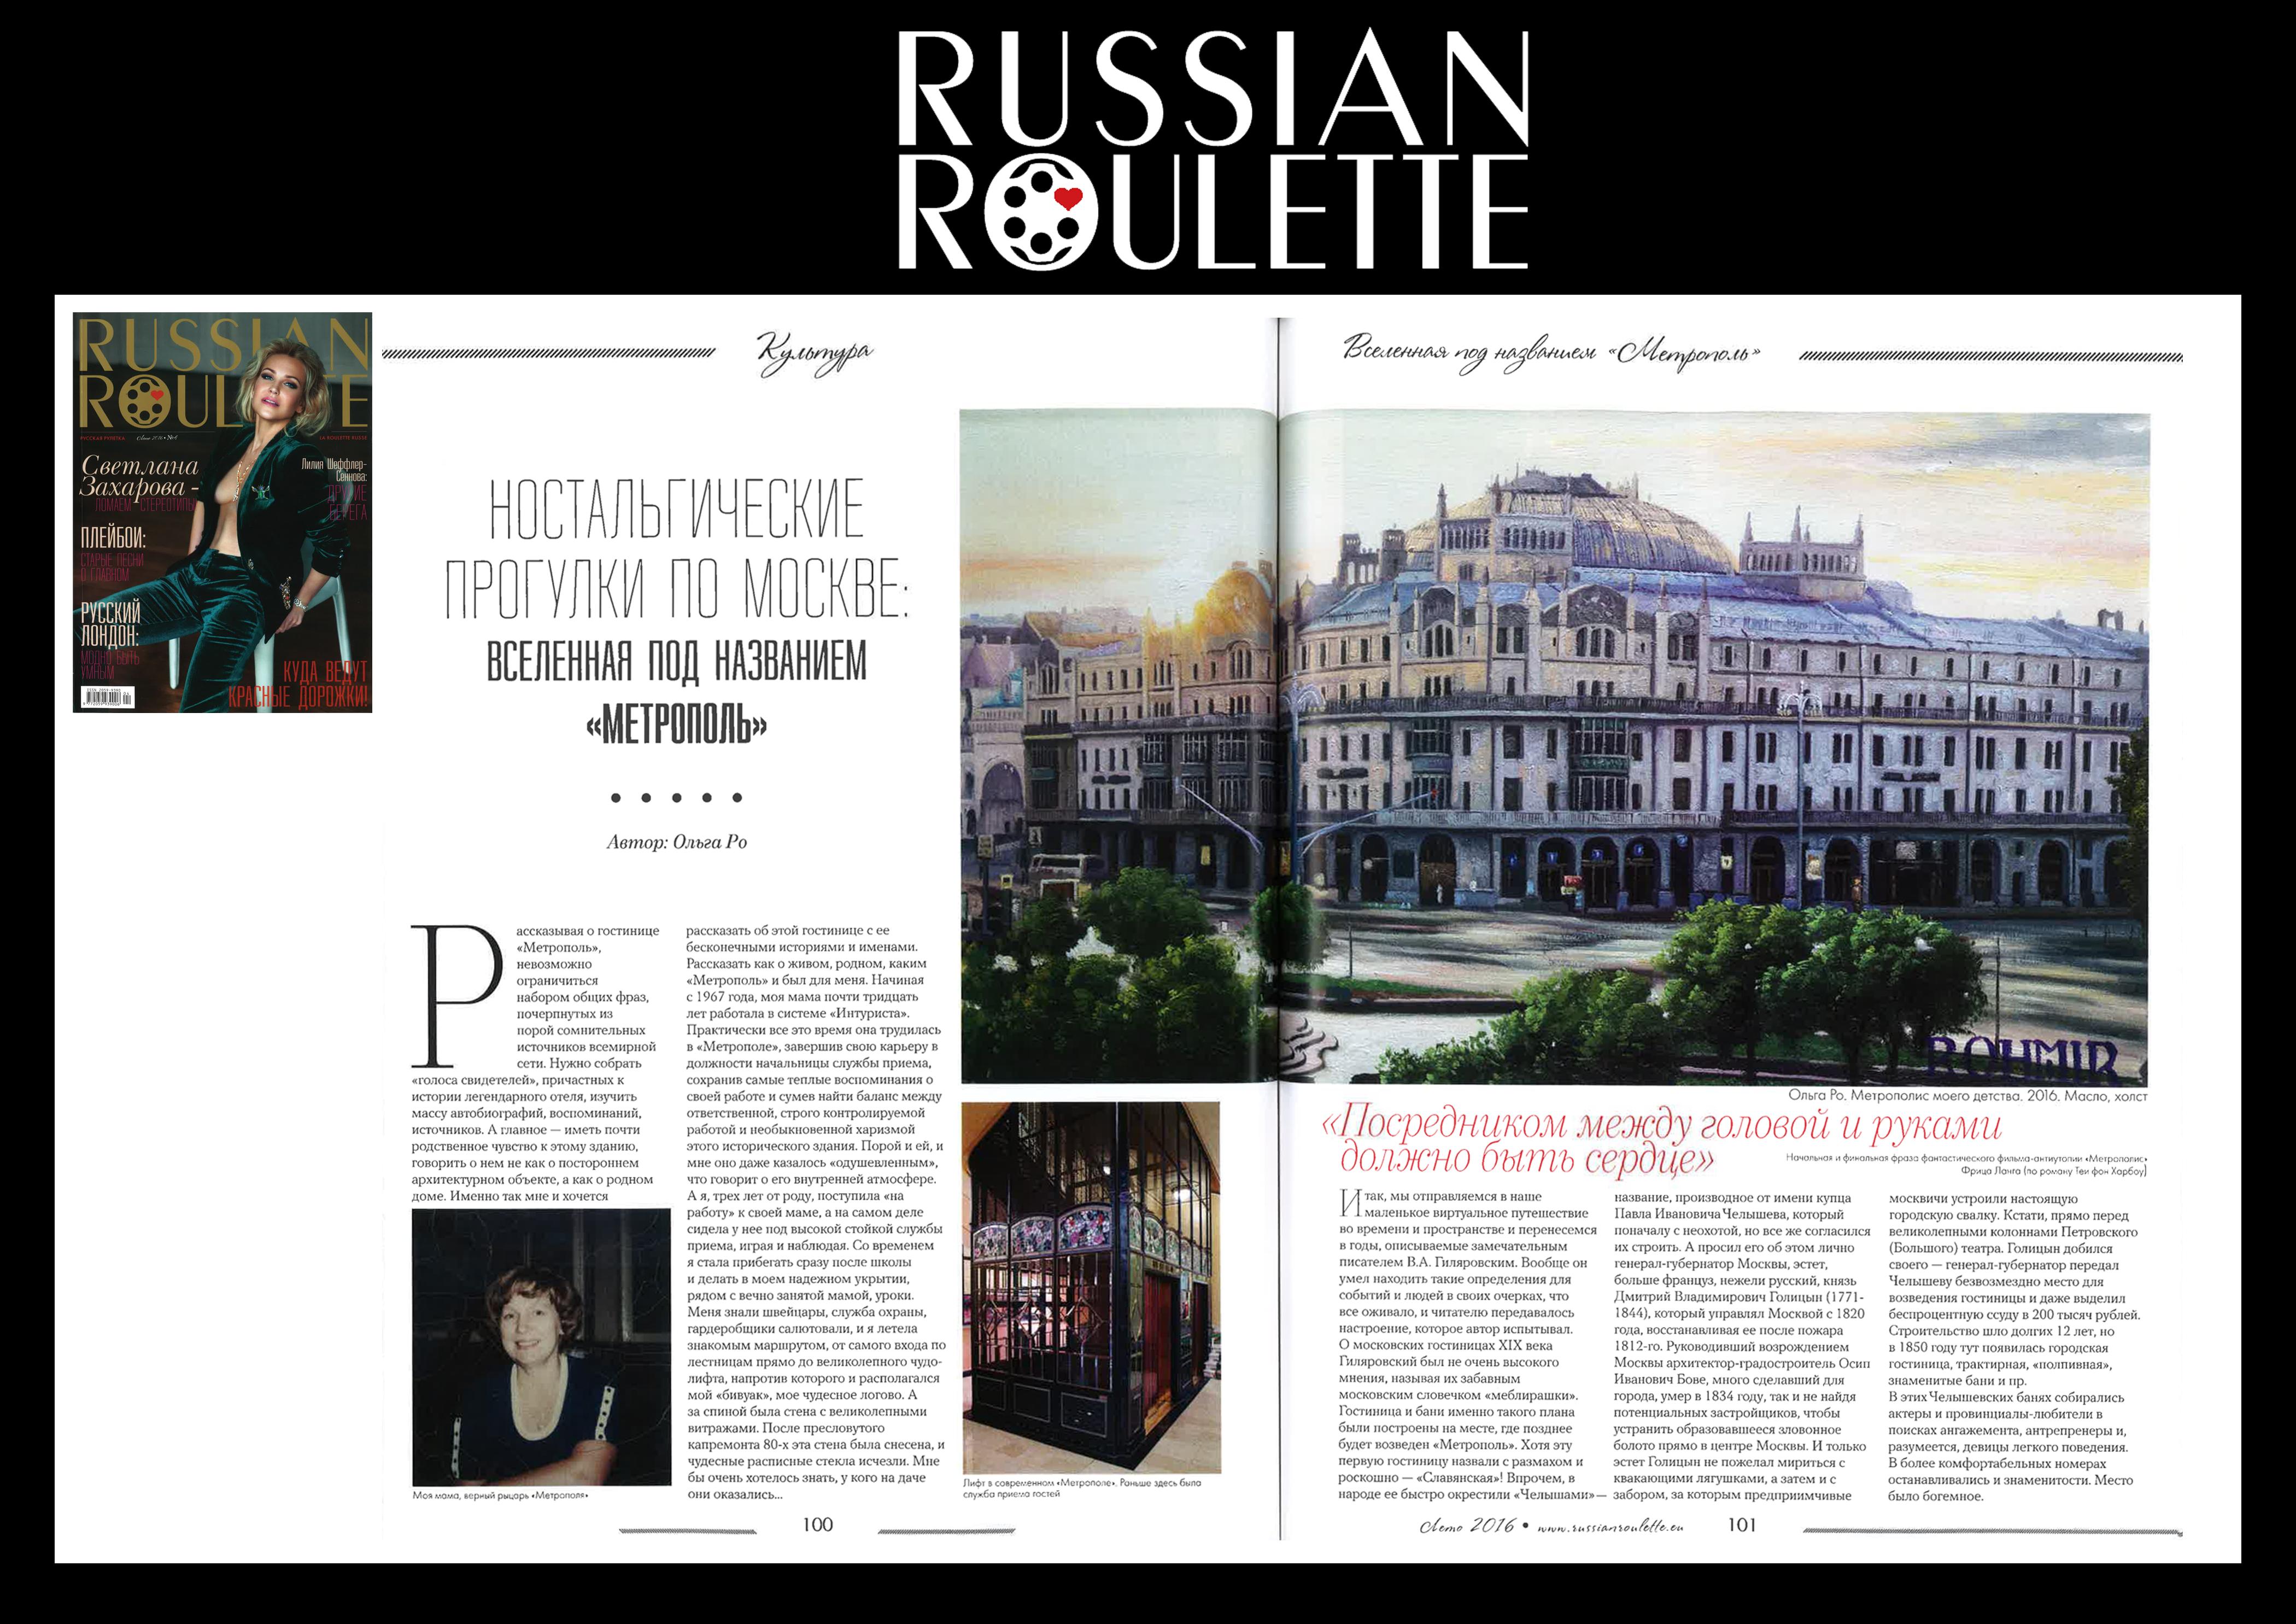 RUSSIAN ROULETTE METROPOLE 1 -1